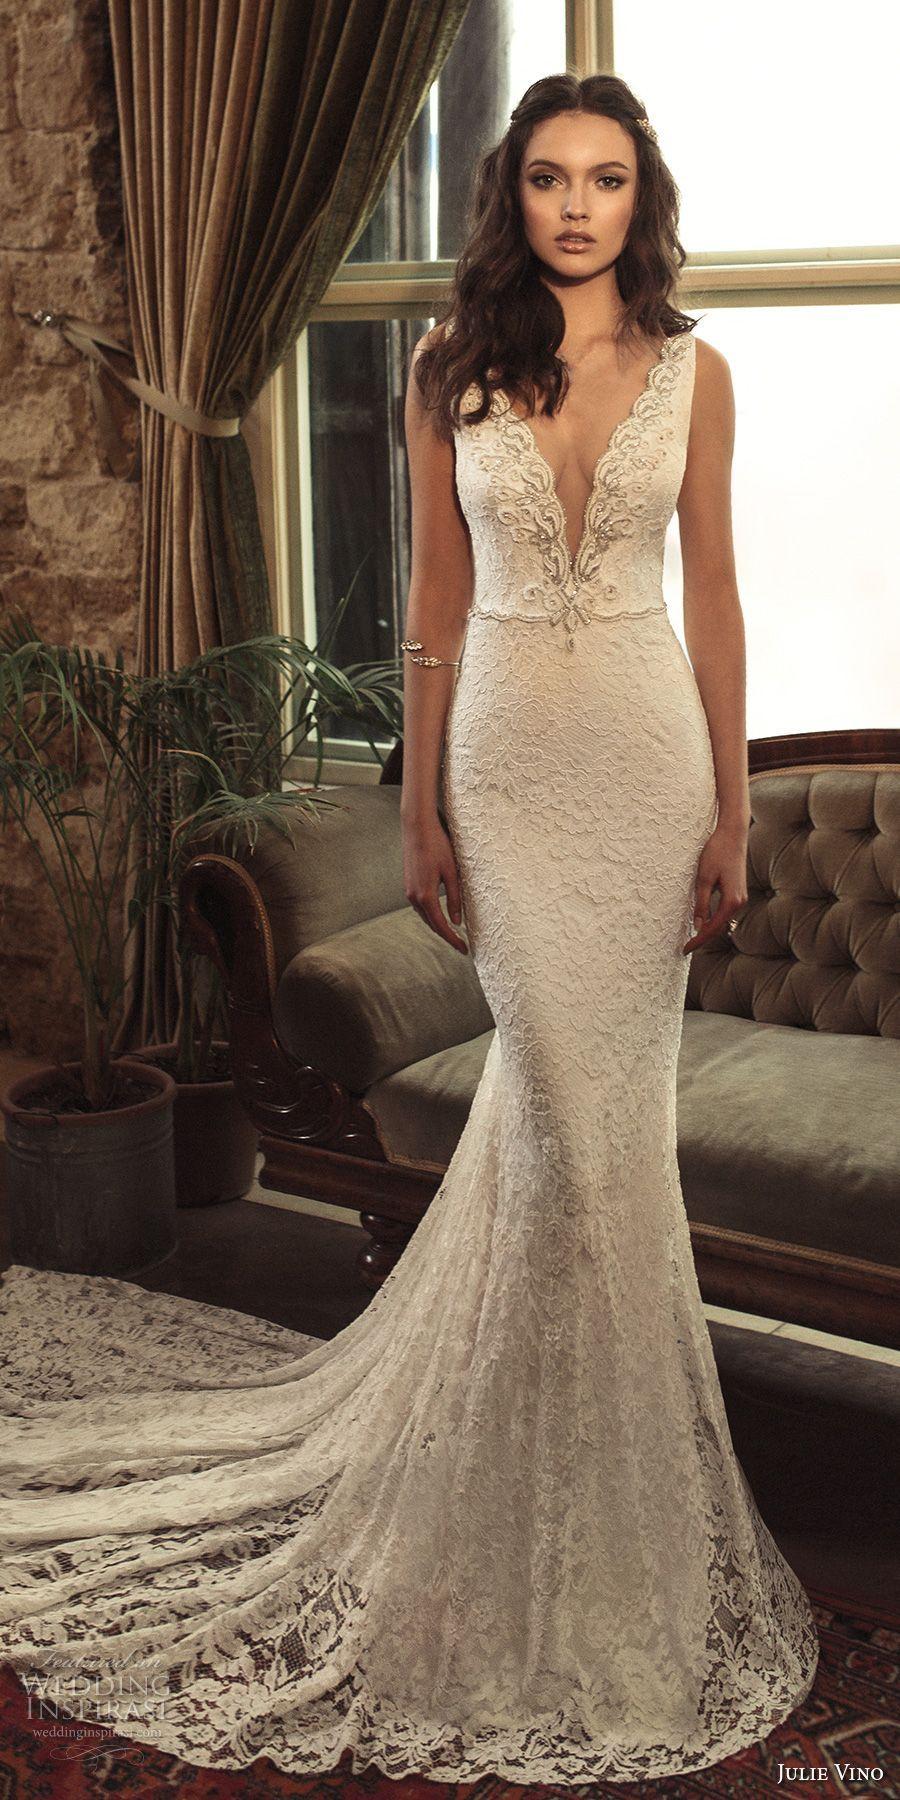 Julie vino bridal sleeveless deep plunging v neck full